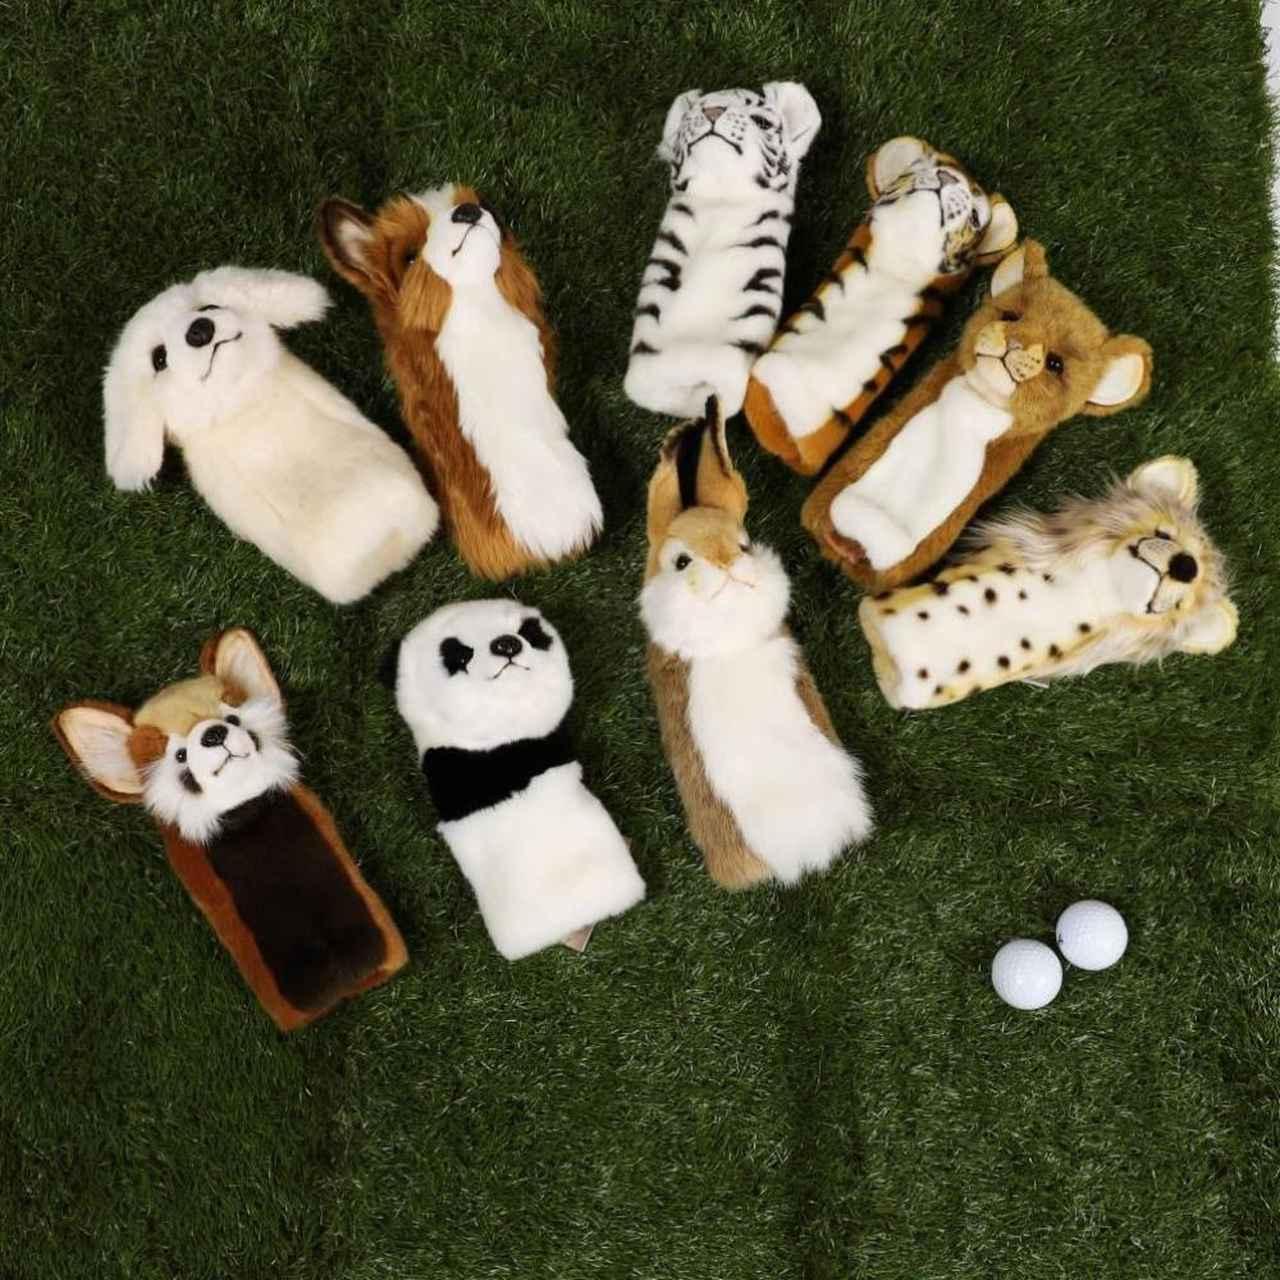 画像: 【あなたは肉食ゴルファー?草食ゴルファー?】アニマルヘッドカバー UT用|ゴルフダイジェスト公式通販サイト「ゴルフポケット」